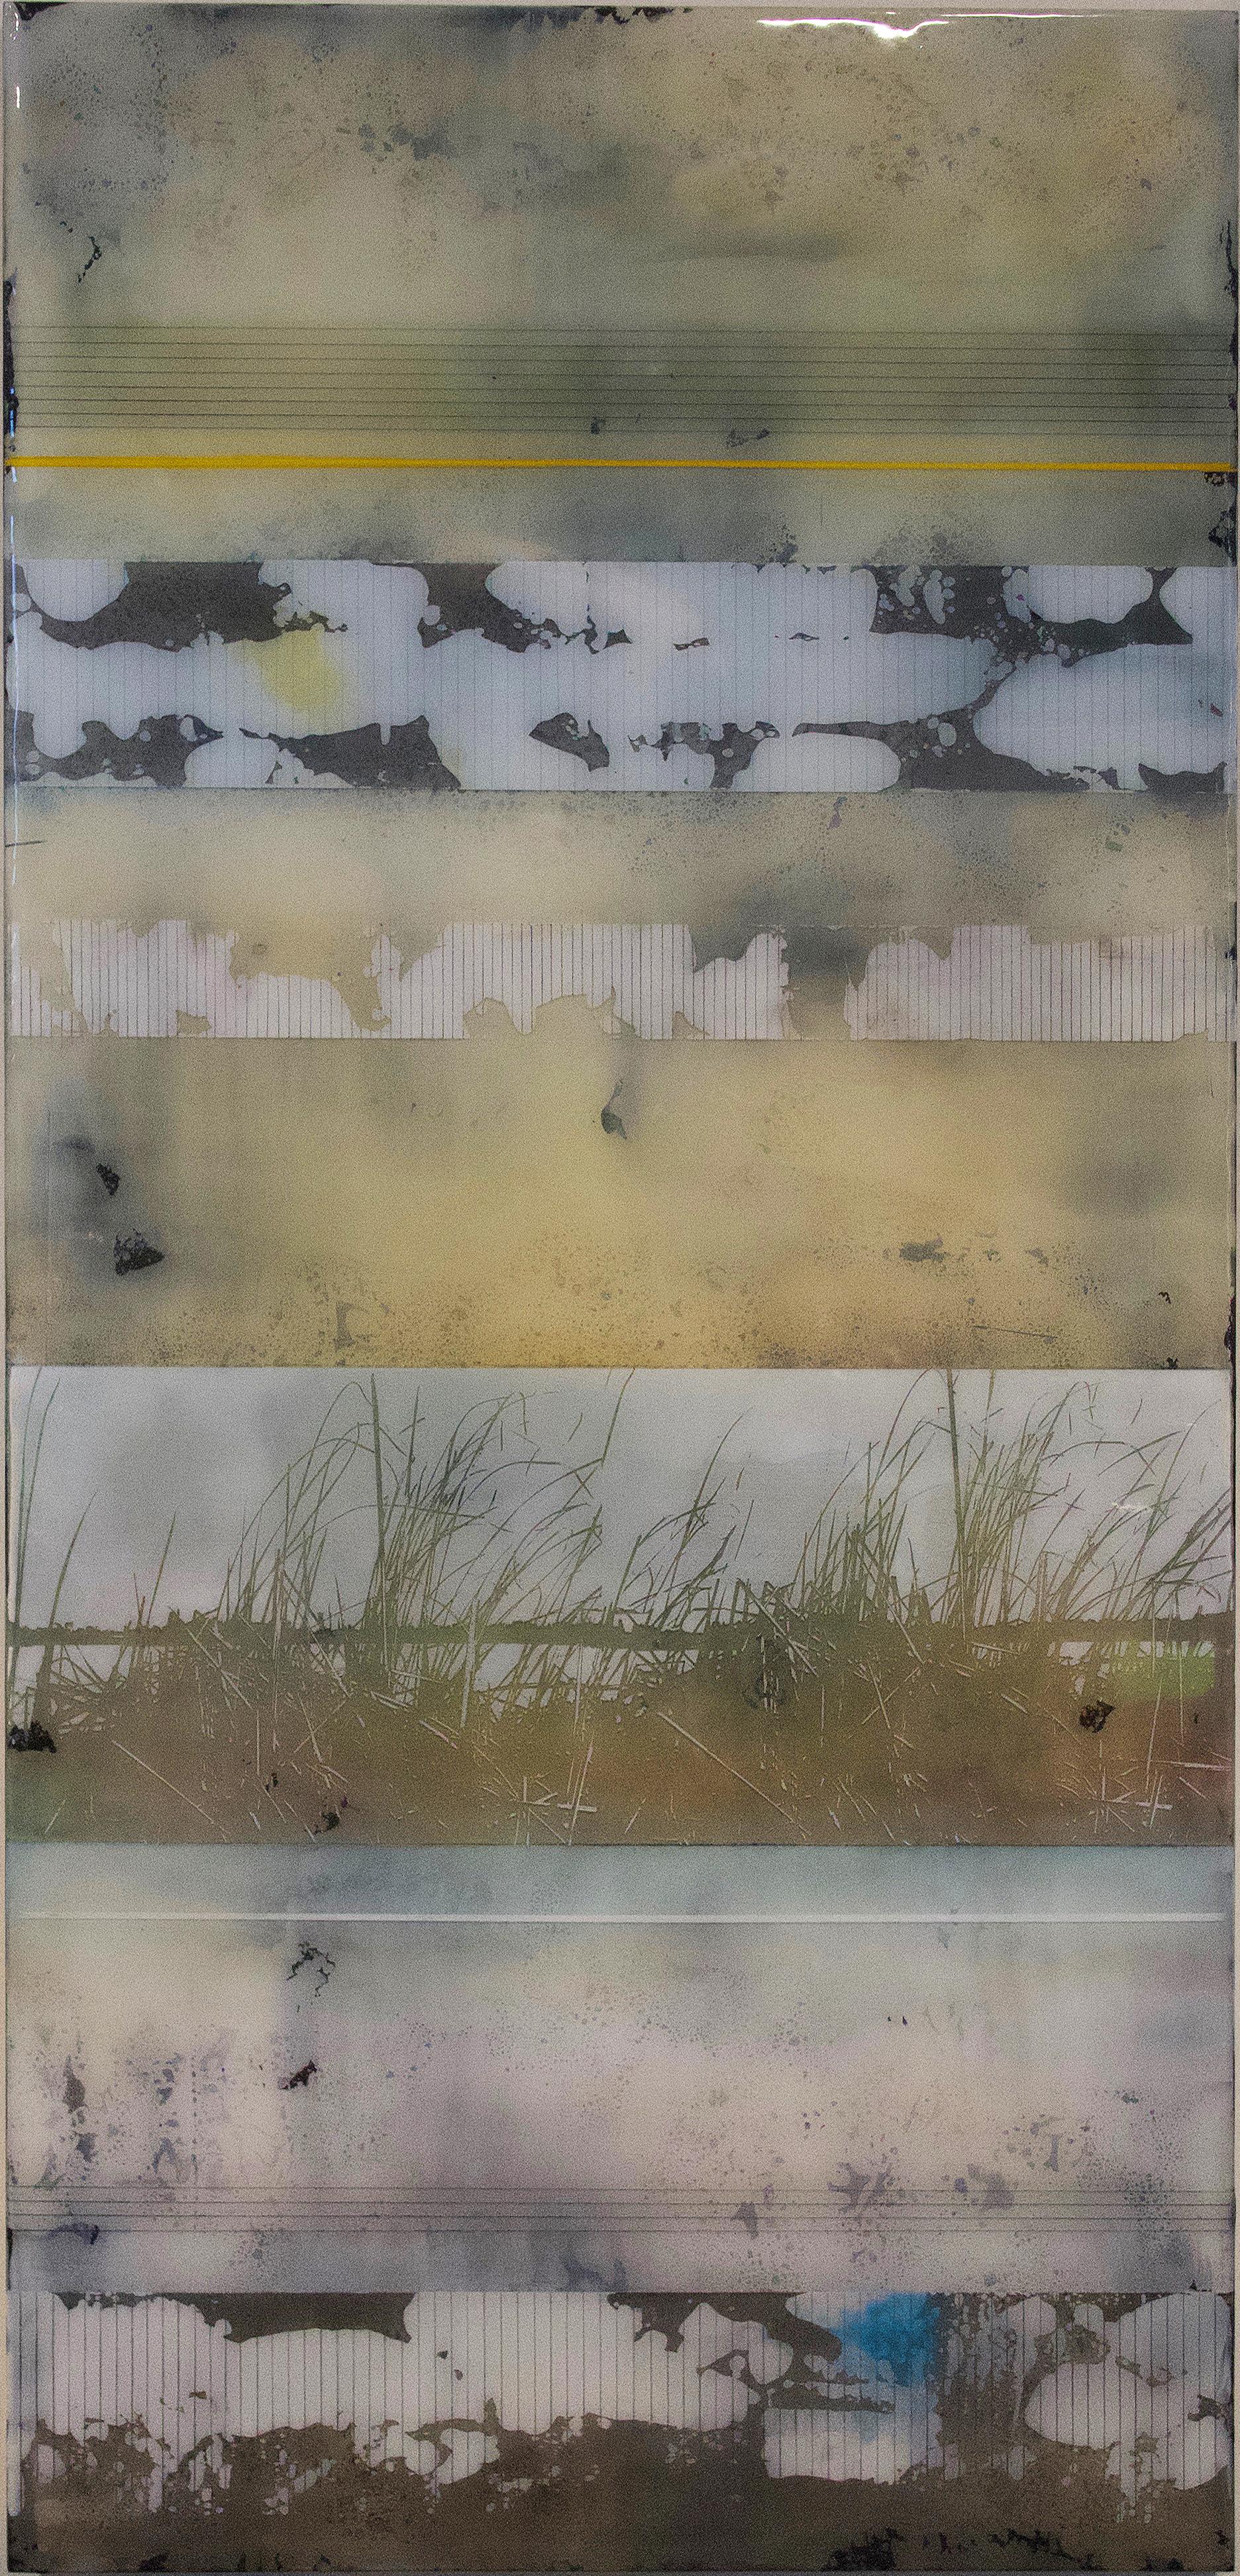 Sea Grass 1